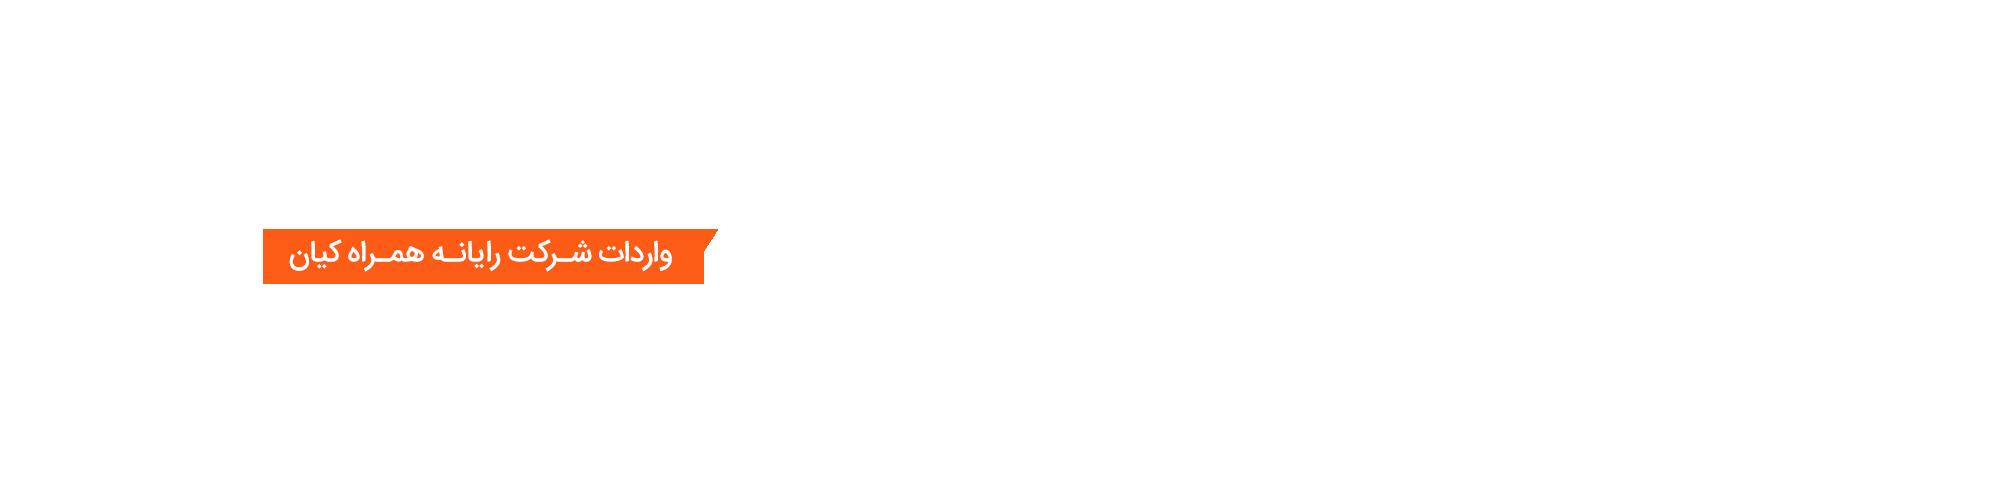 شیائومی